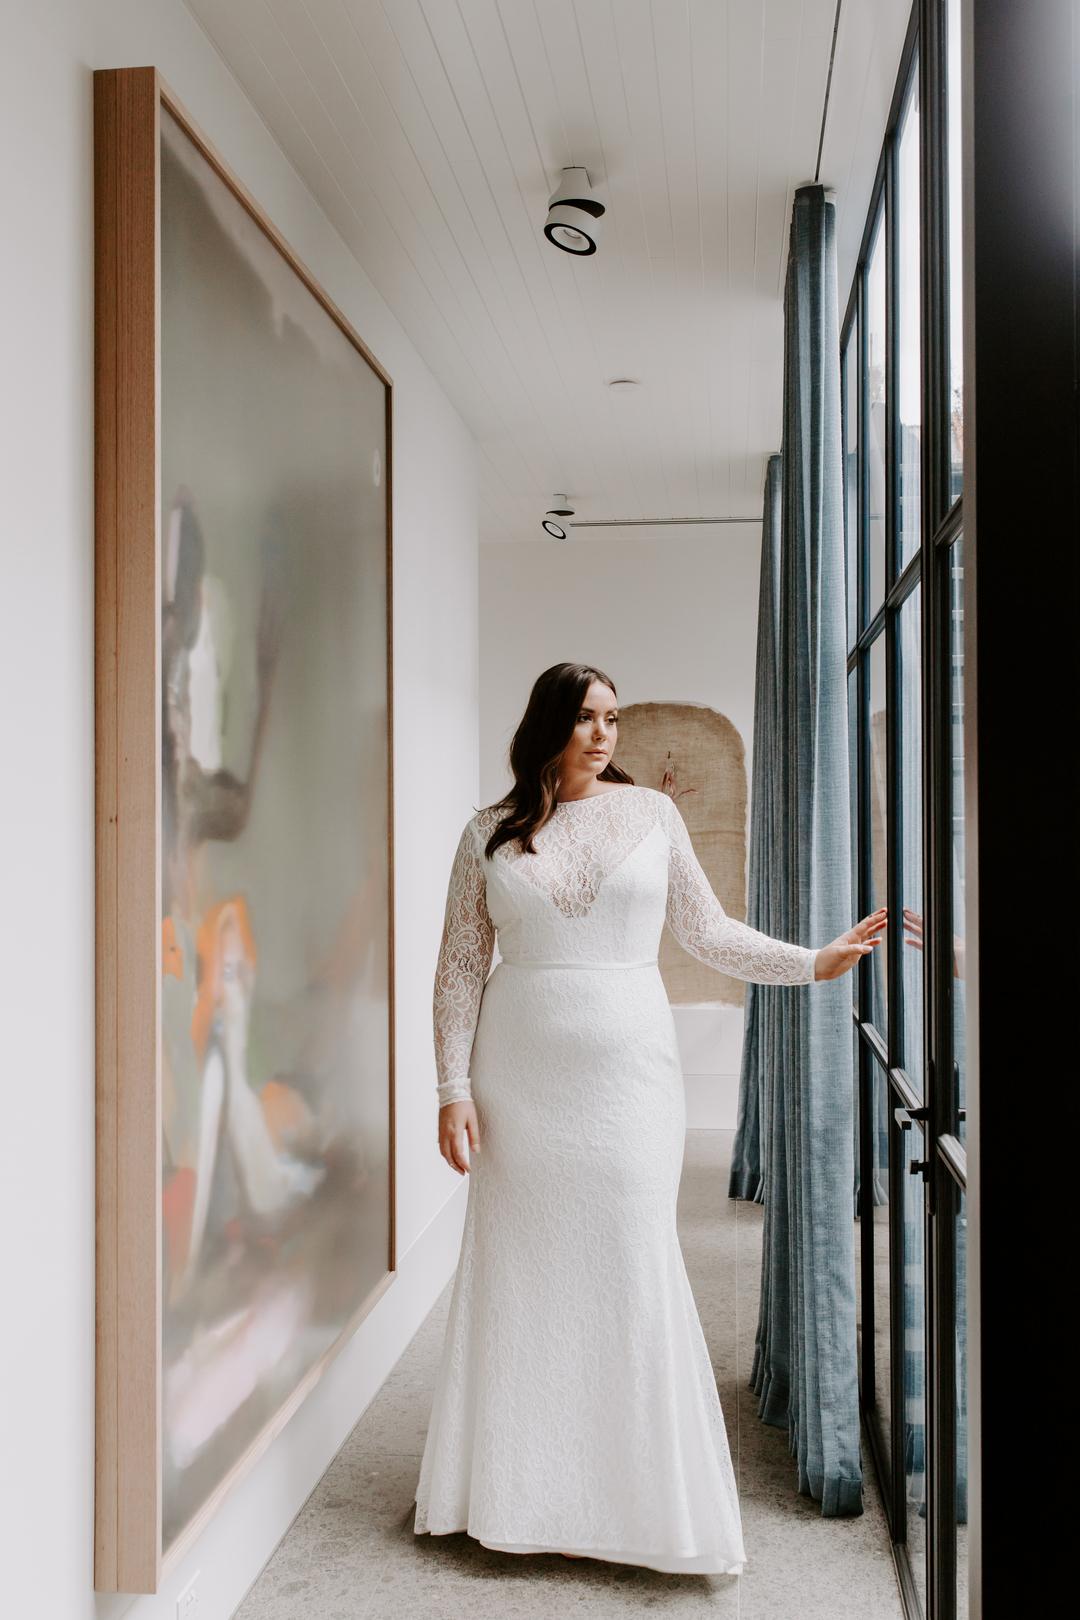 karina dress photo